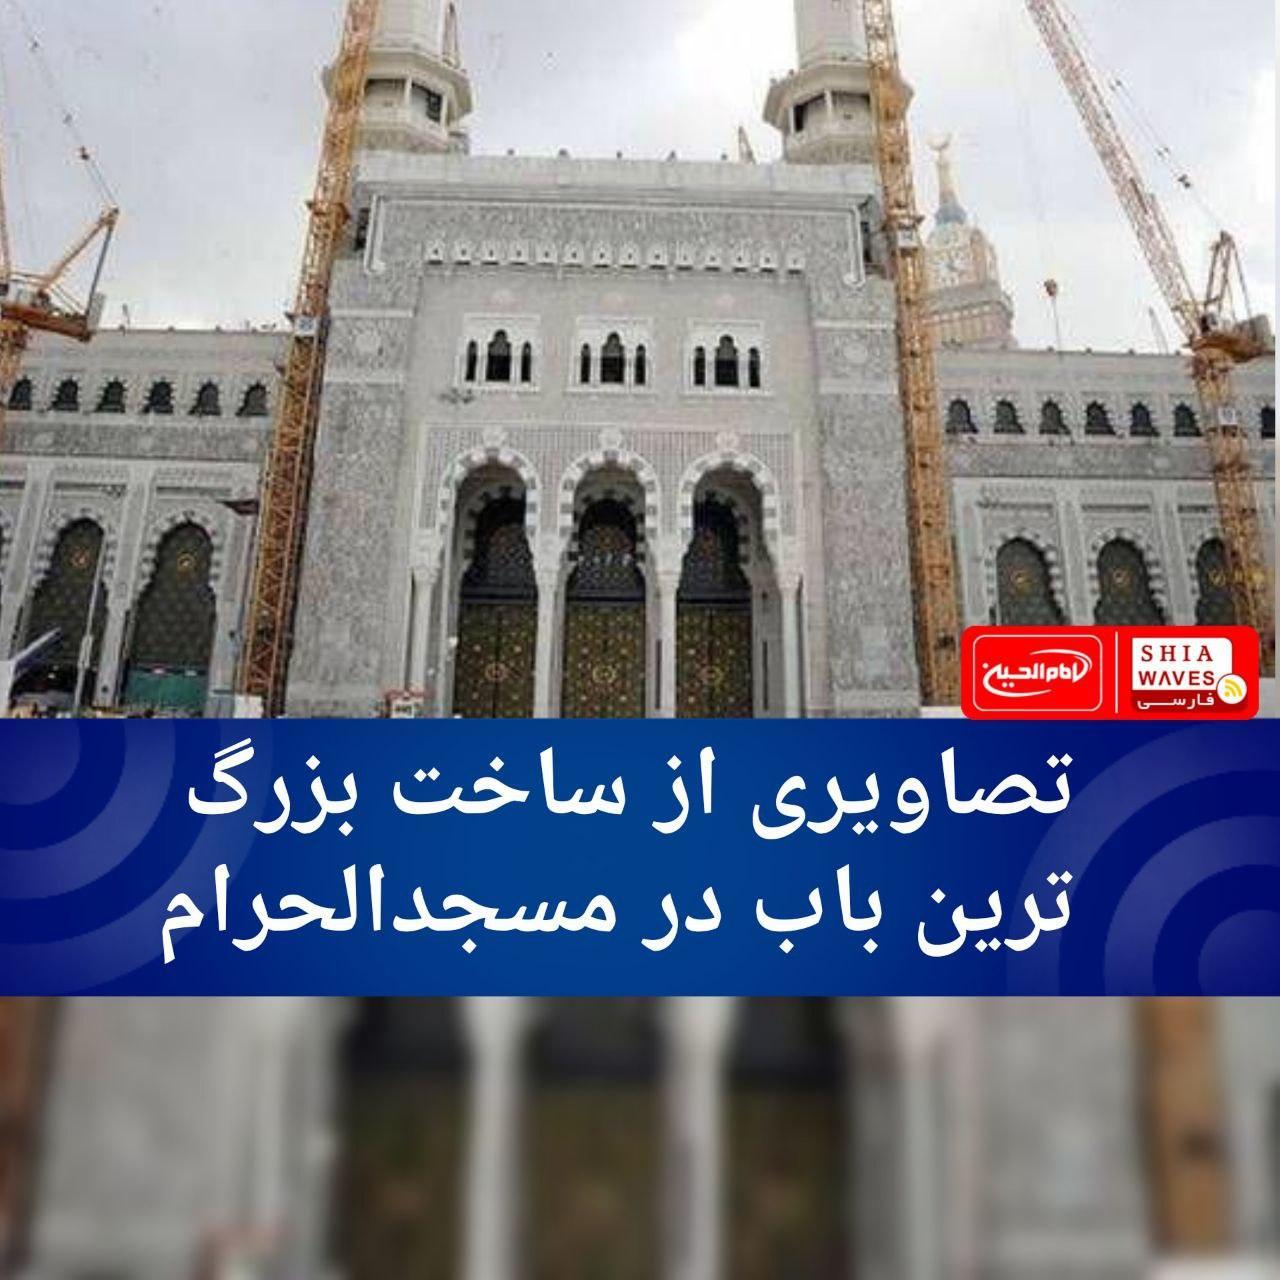 تصویر تصاویری از ساخت بزرگ ترین باب در مسجدالحرام